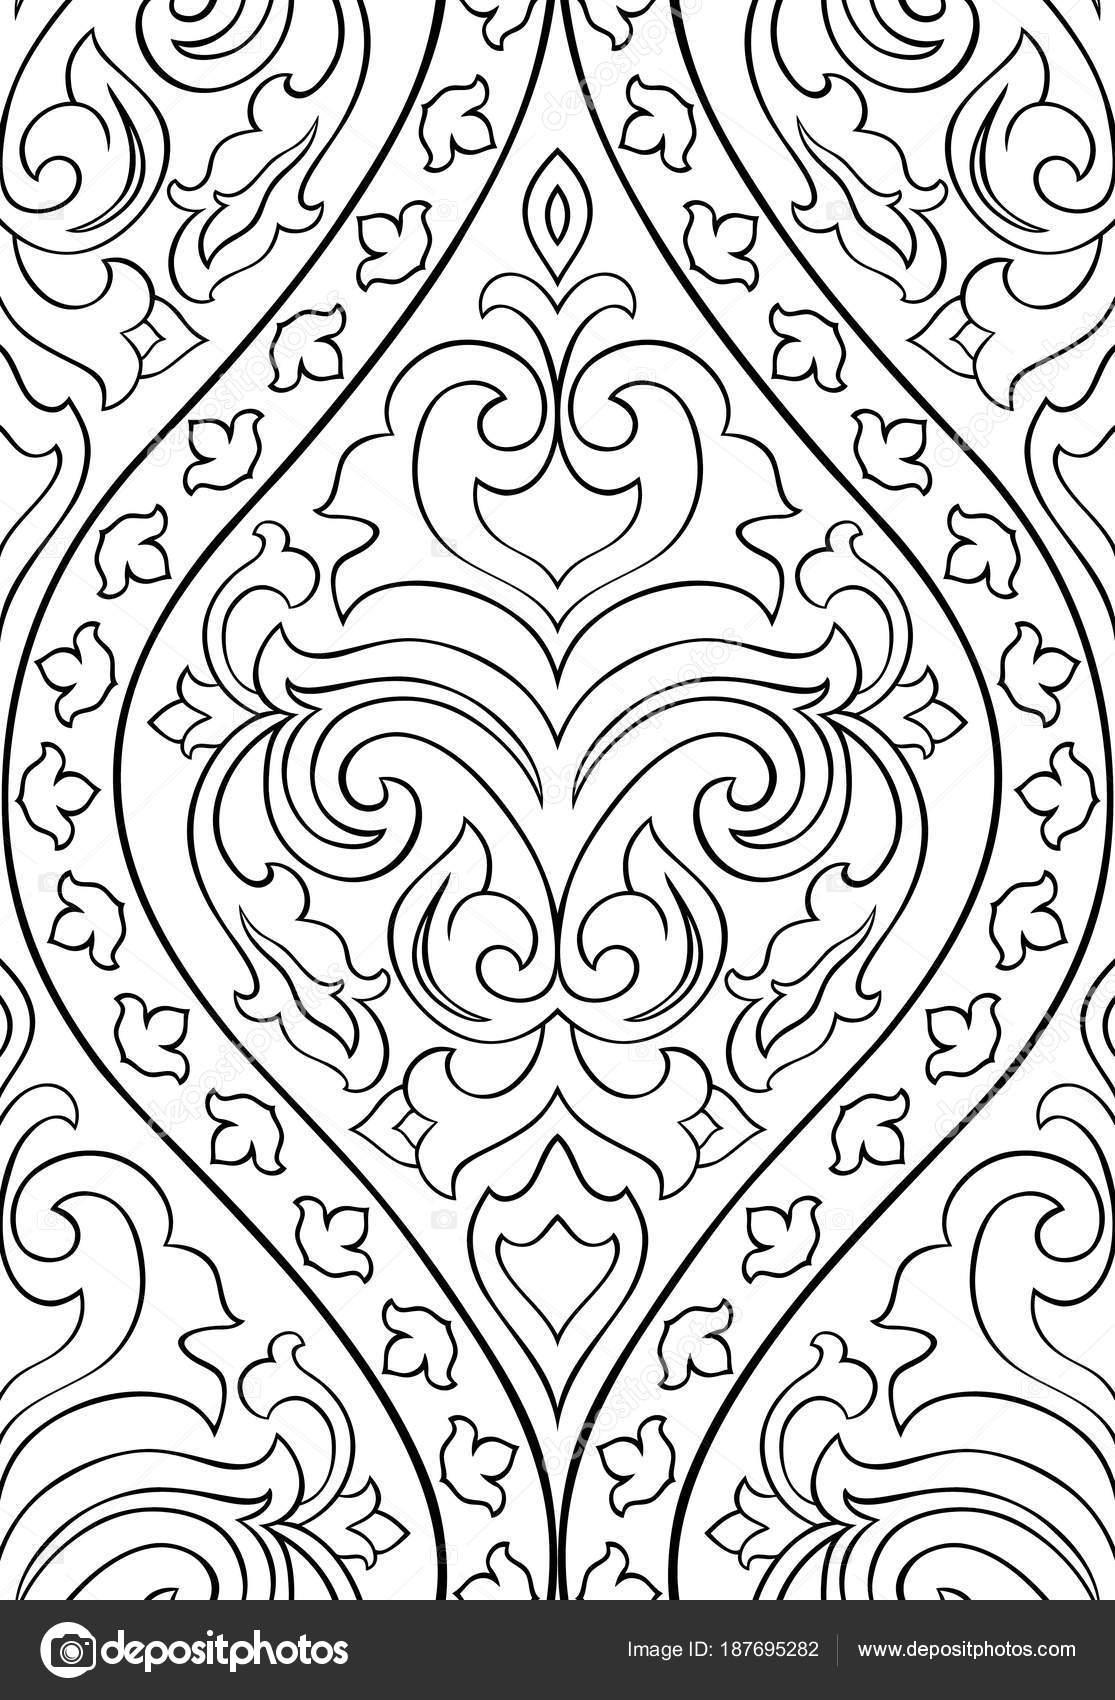 Muster Mit Arabesken Für Wallpaper Stockvektor Matorinni 187695282